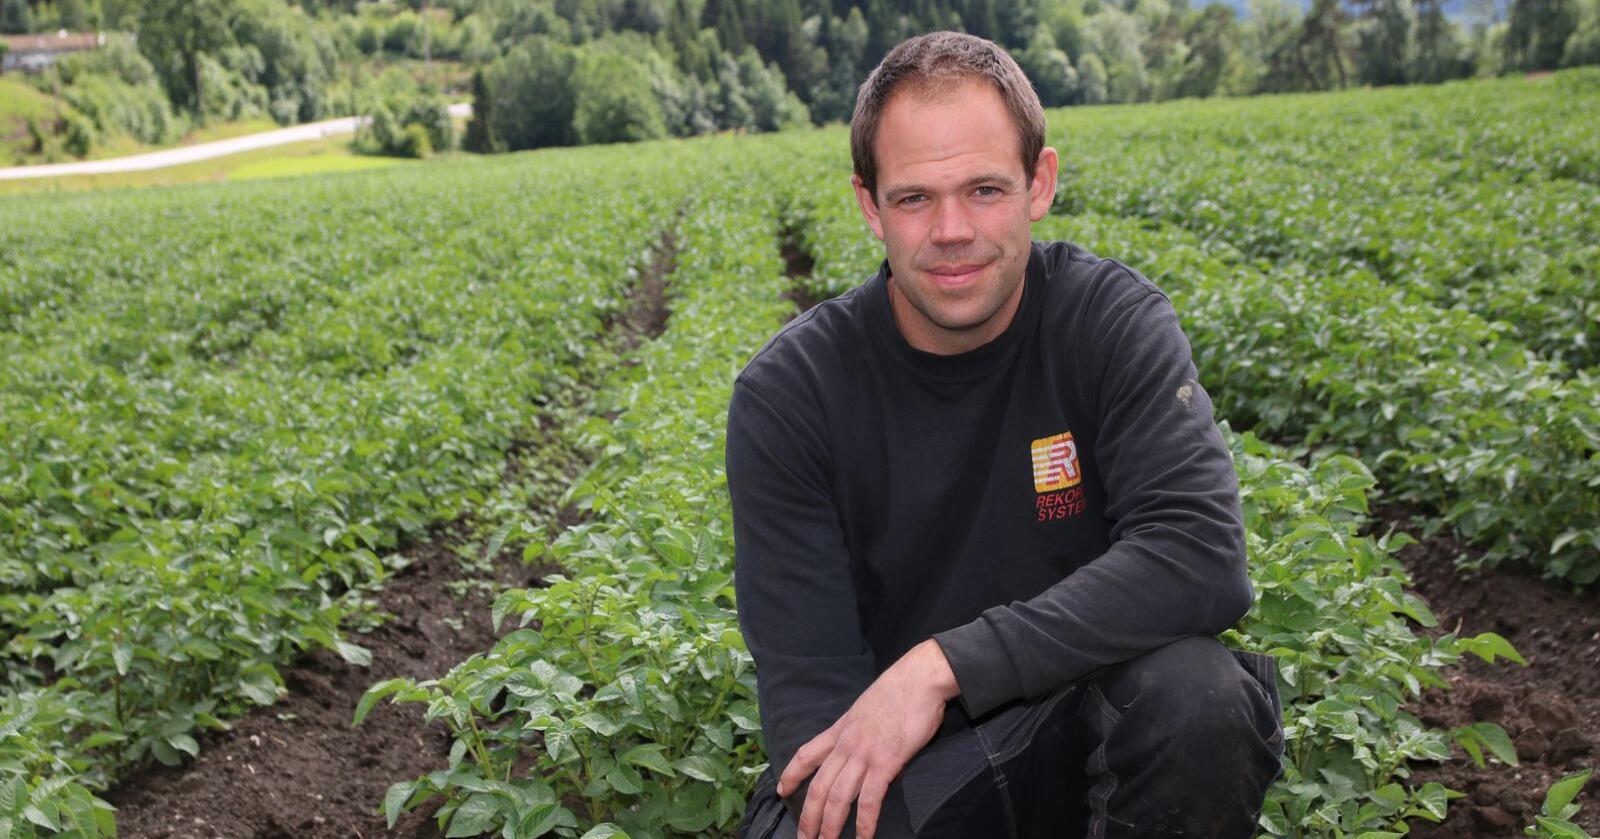 Krever økt pris: Leif Johann Rugsland jobber for at produsentene skal få bedre betalt for industripotet. På dette jordet dyrker han sorten Berle. Foto: Lars Olav Haug